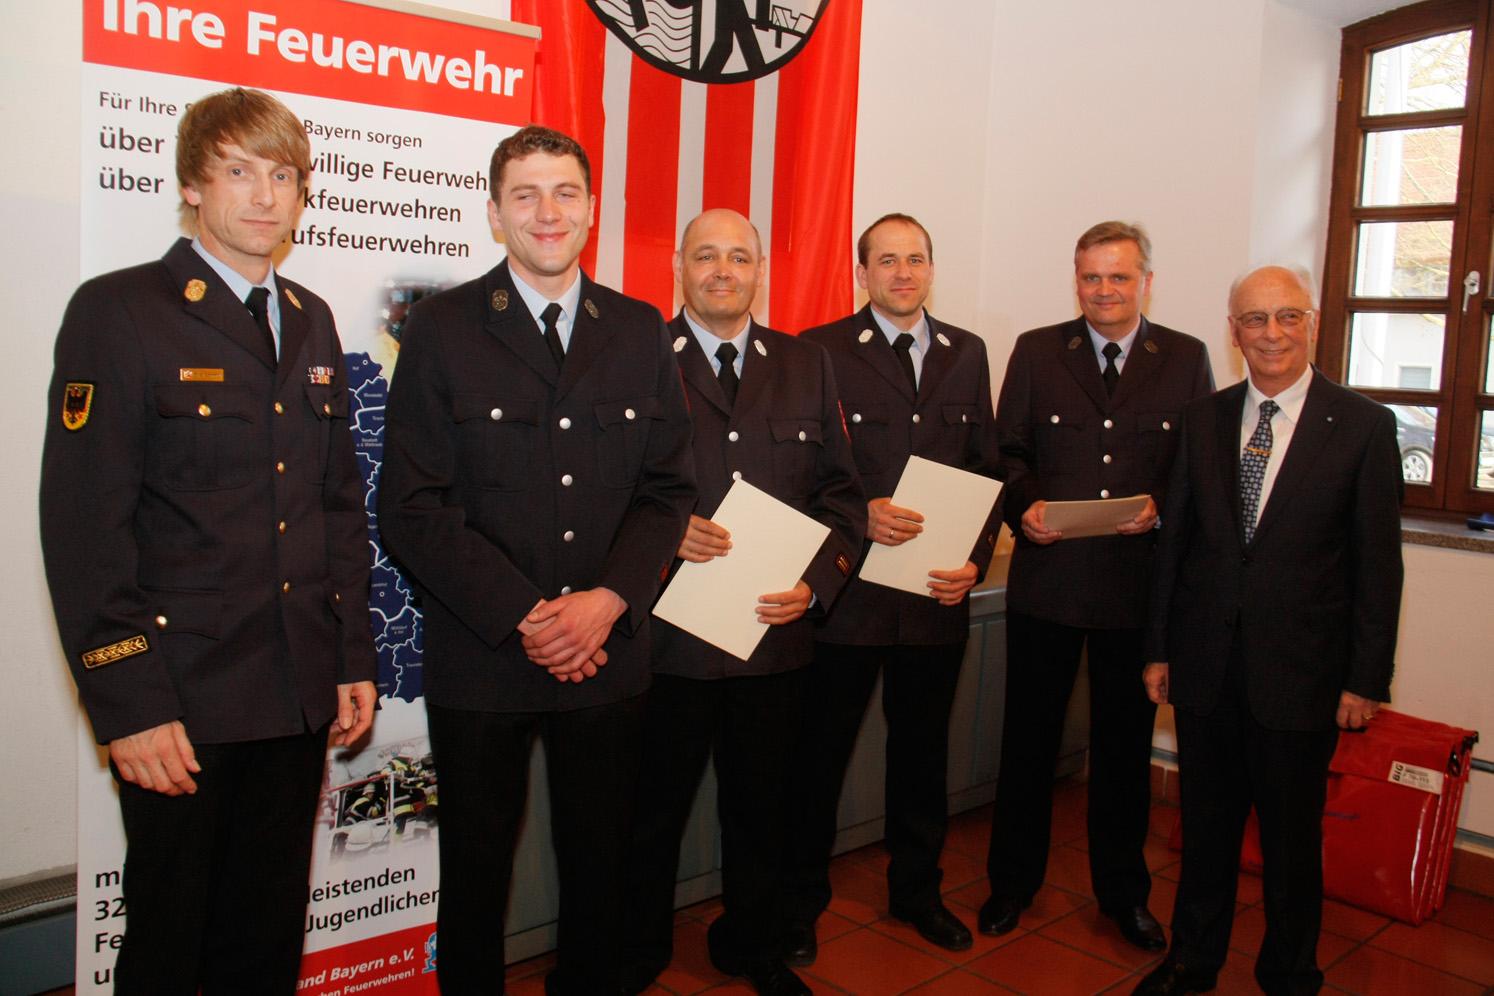 17-04-2013 kreisbrandinspektion-neu-ulm illertissen kommandantenversammlung wis new-facts-eu-017